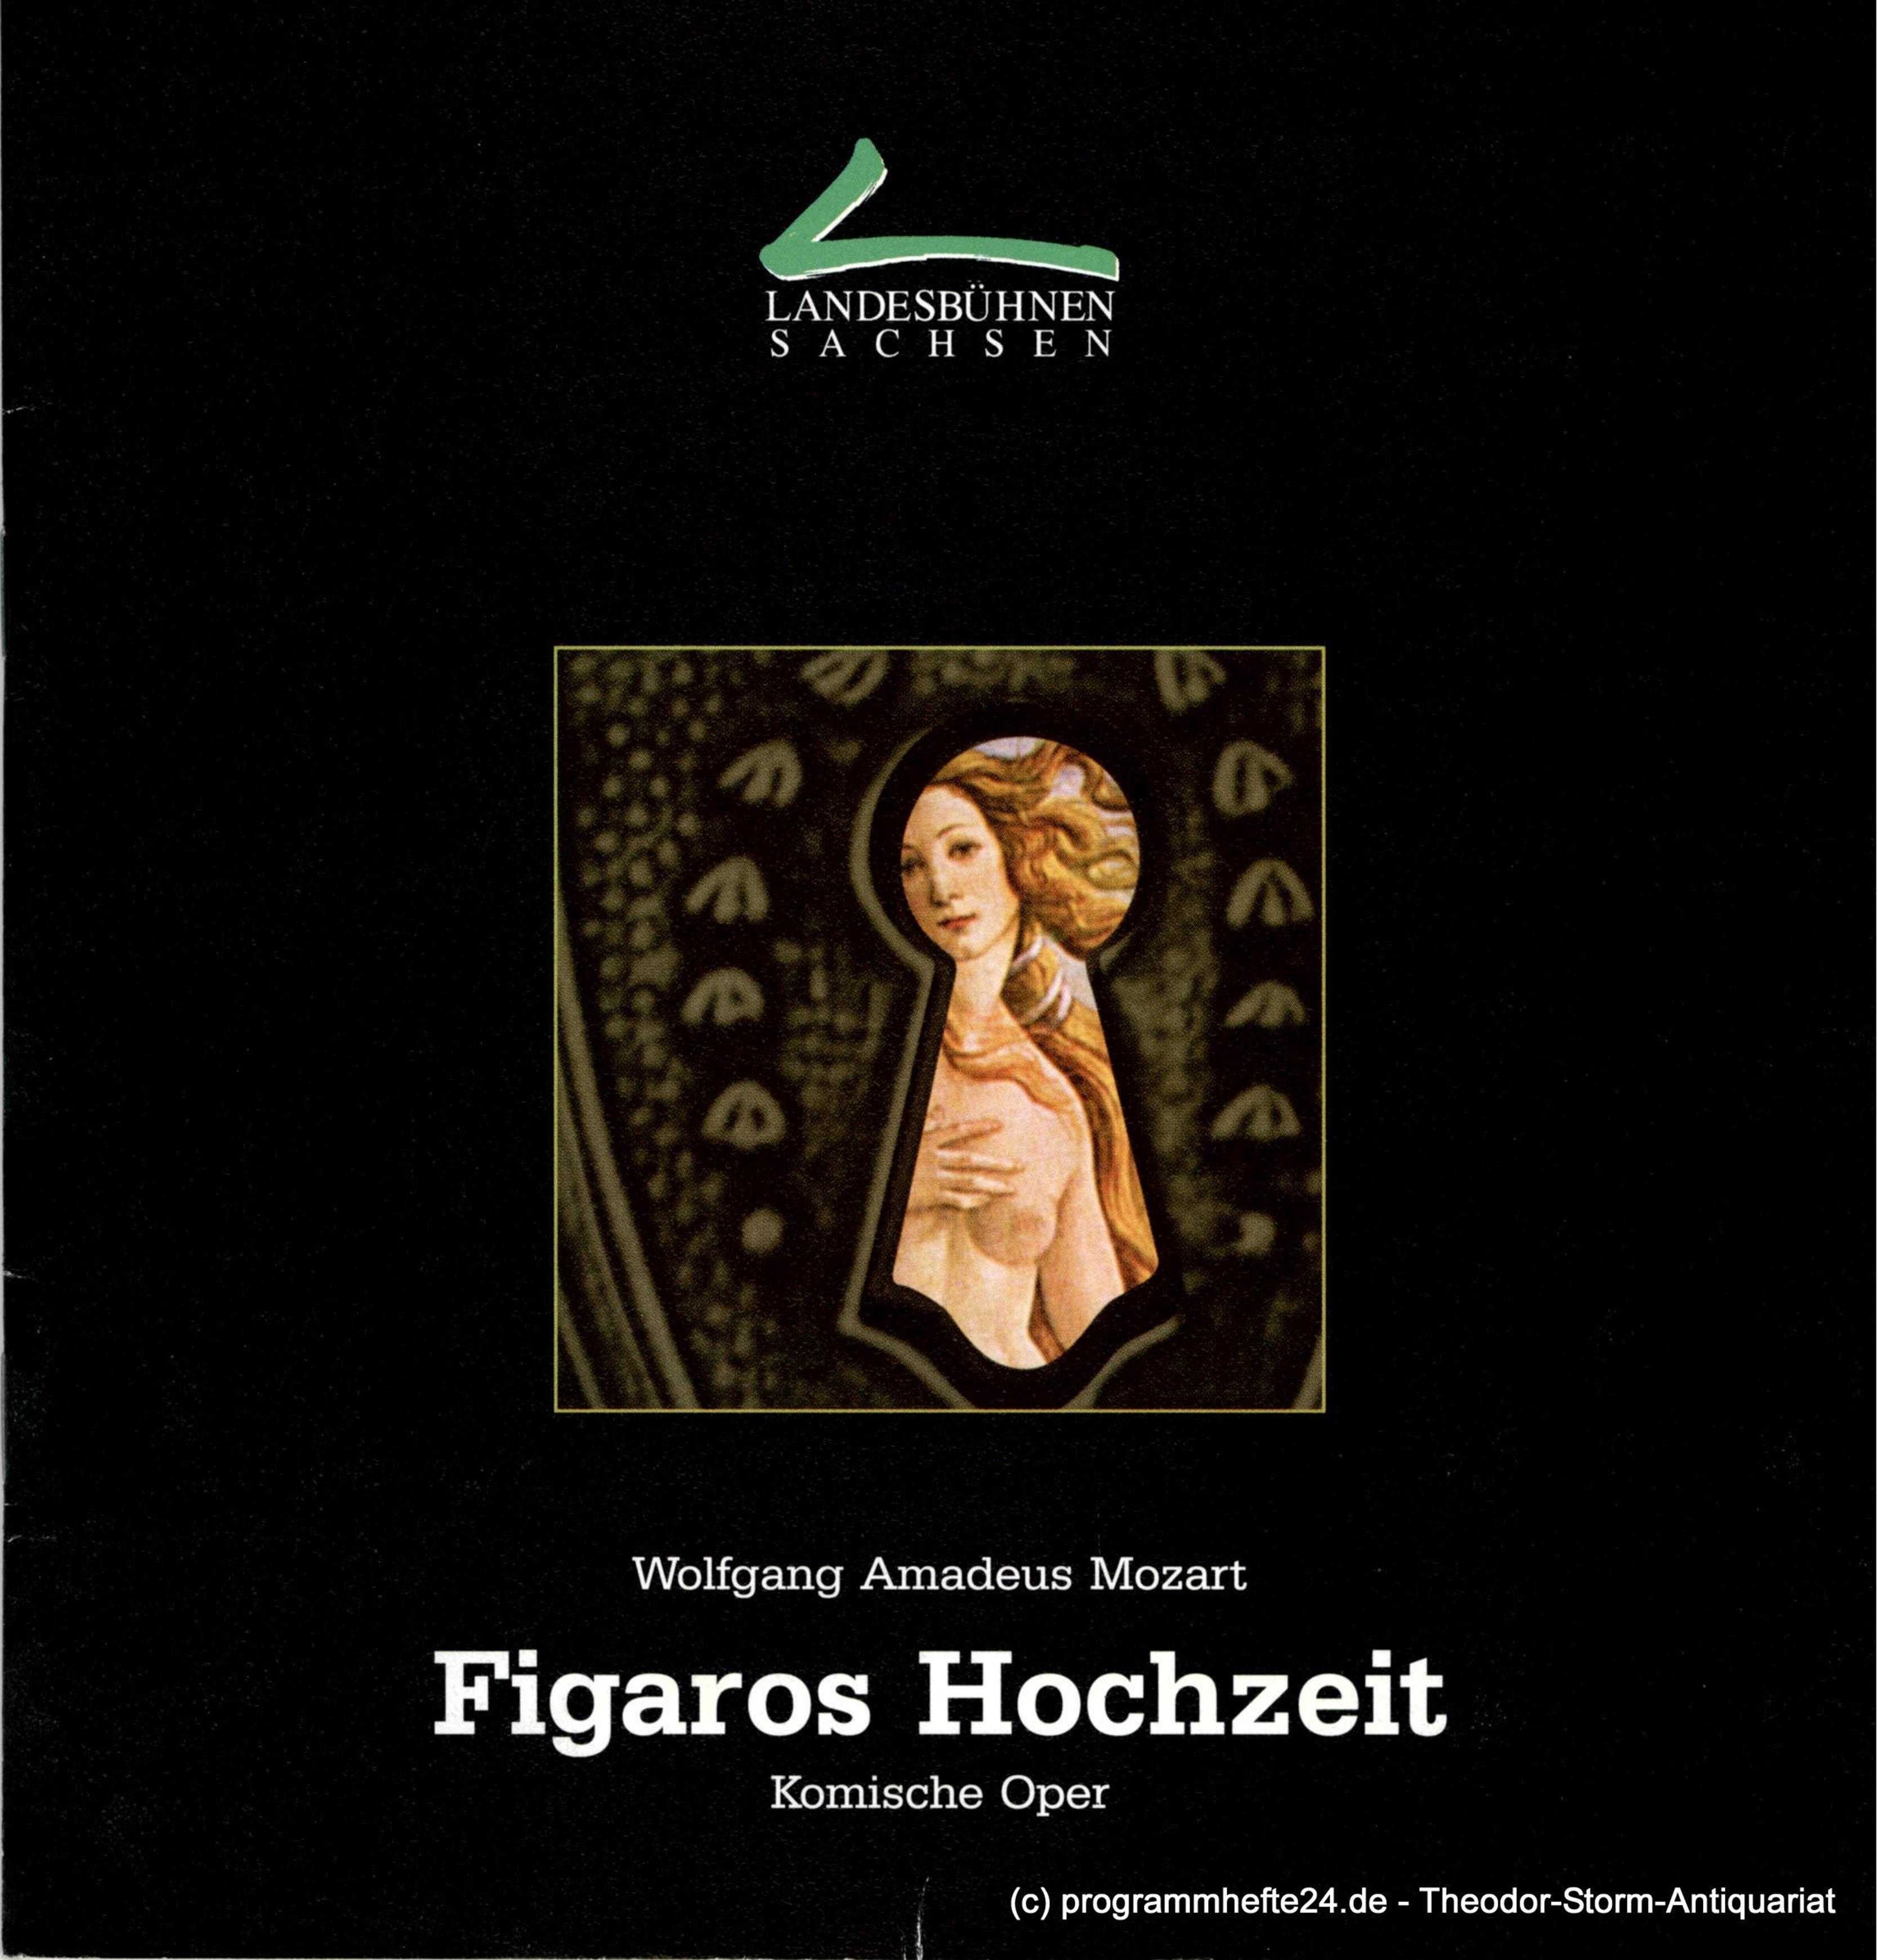 Programmheft Figaros Hochzeit. Komische Oper von Wolfgang Amadeus Mozart. Premie